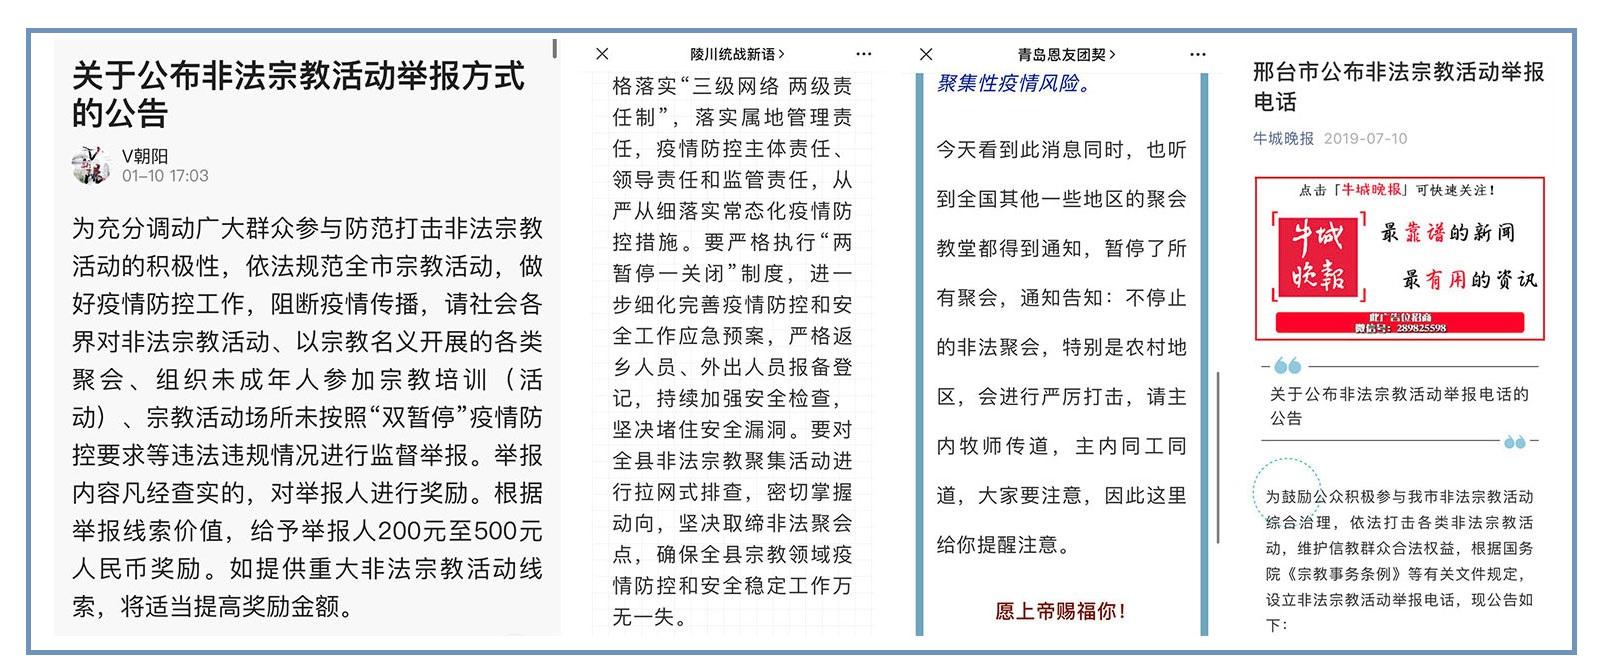 """左图:辽宁朝阳当局于2021年1月9日发布的《关于公布非法宗教活动举报方式的公告》。(来自搜狐网;1月10日发布于搜狐网,文件落款为1月9日); 左二:2021年1月11日,山西陵川县统战部部长霍鹏要求排查、取缔所谓""""非法宗教活动""""的讲话内容。(来自微信公众号""""陵川统战新语""""); 右二:2021年1月15日山东""""青岛恩友团契""""在微信公众号上刊登的文章。(来自微信公众号""""青岛恩友团契""""); 右图:2019年7月,河北邢台当局称根据中国国务院《宗教事务条例》设立所谓的""""非法宗教活动举报电话。""""(来自微信公众号""""牛城晚报"""")"""